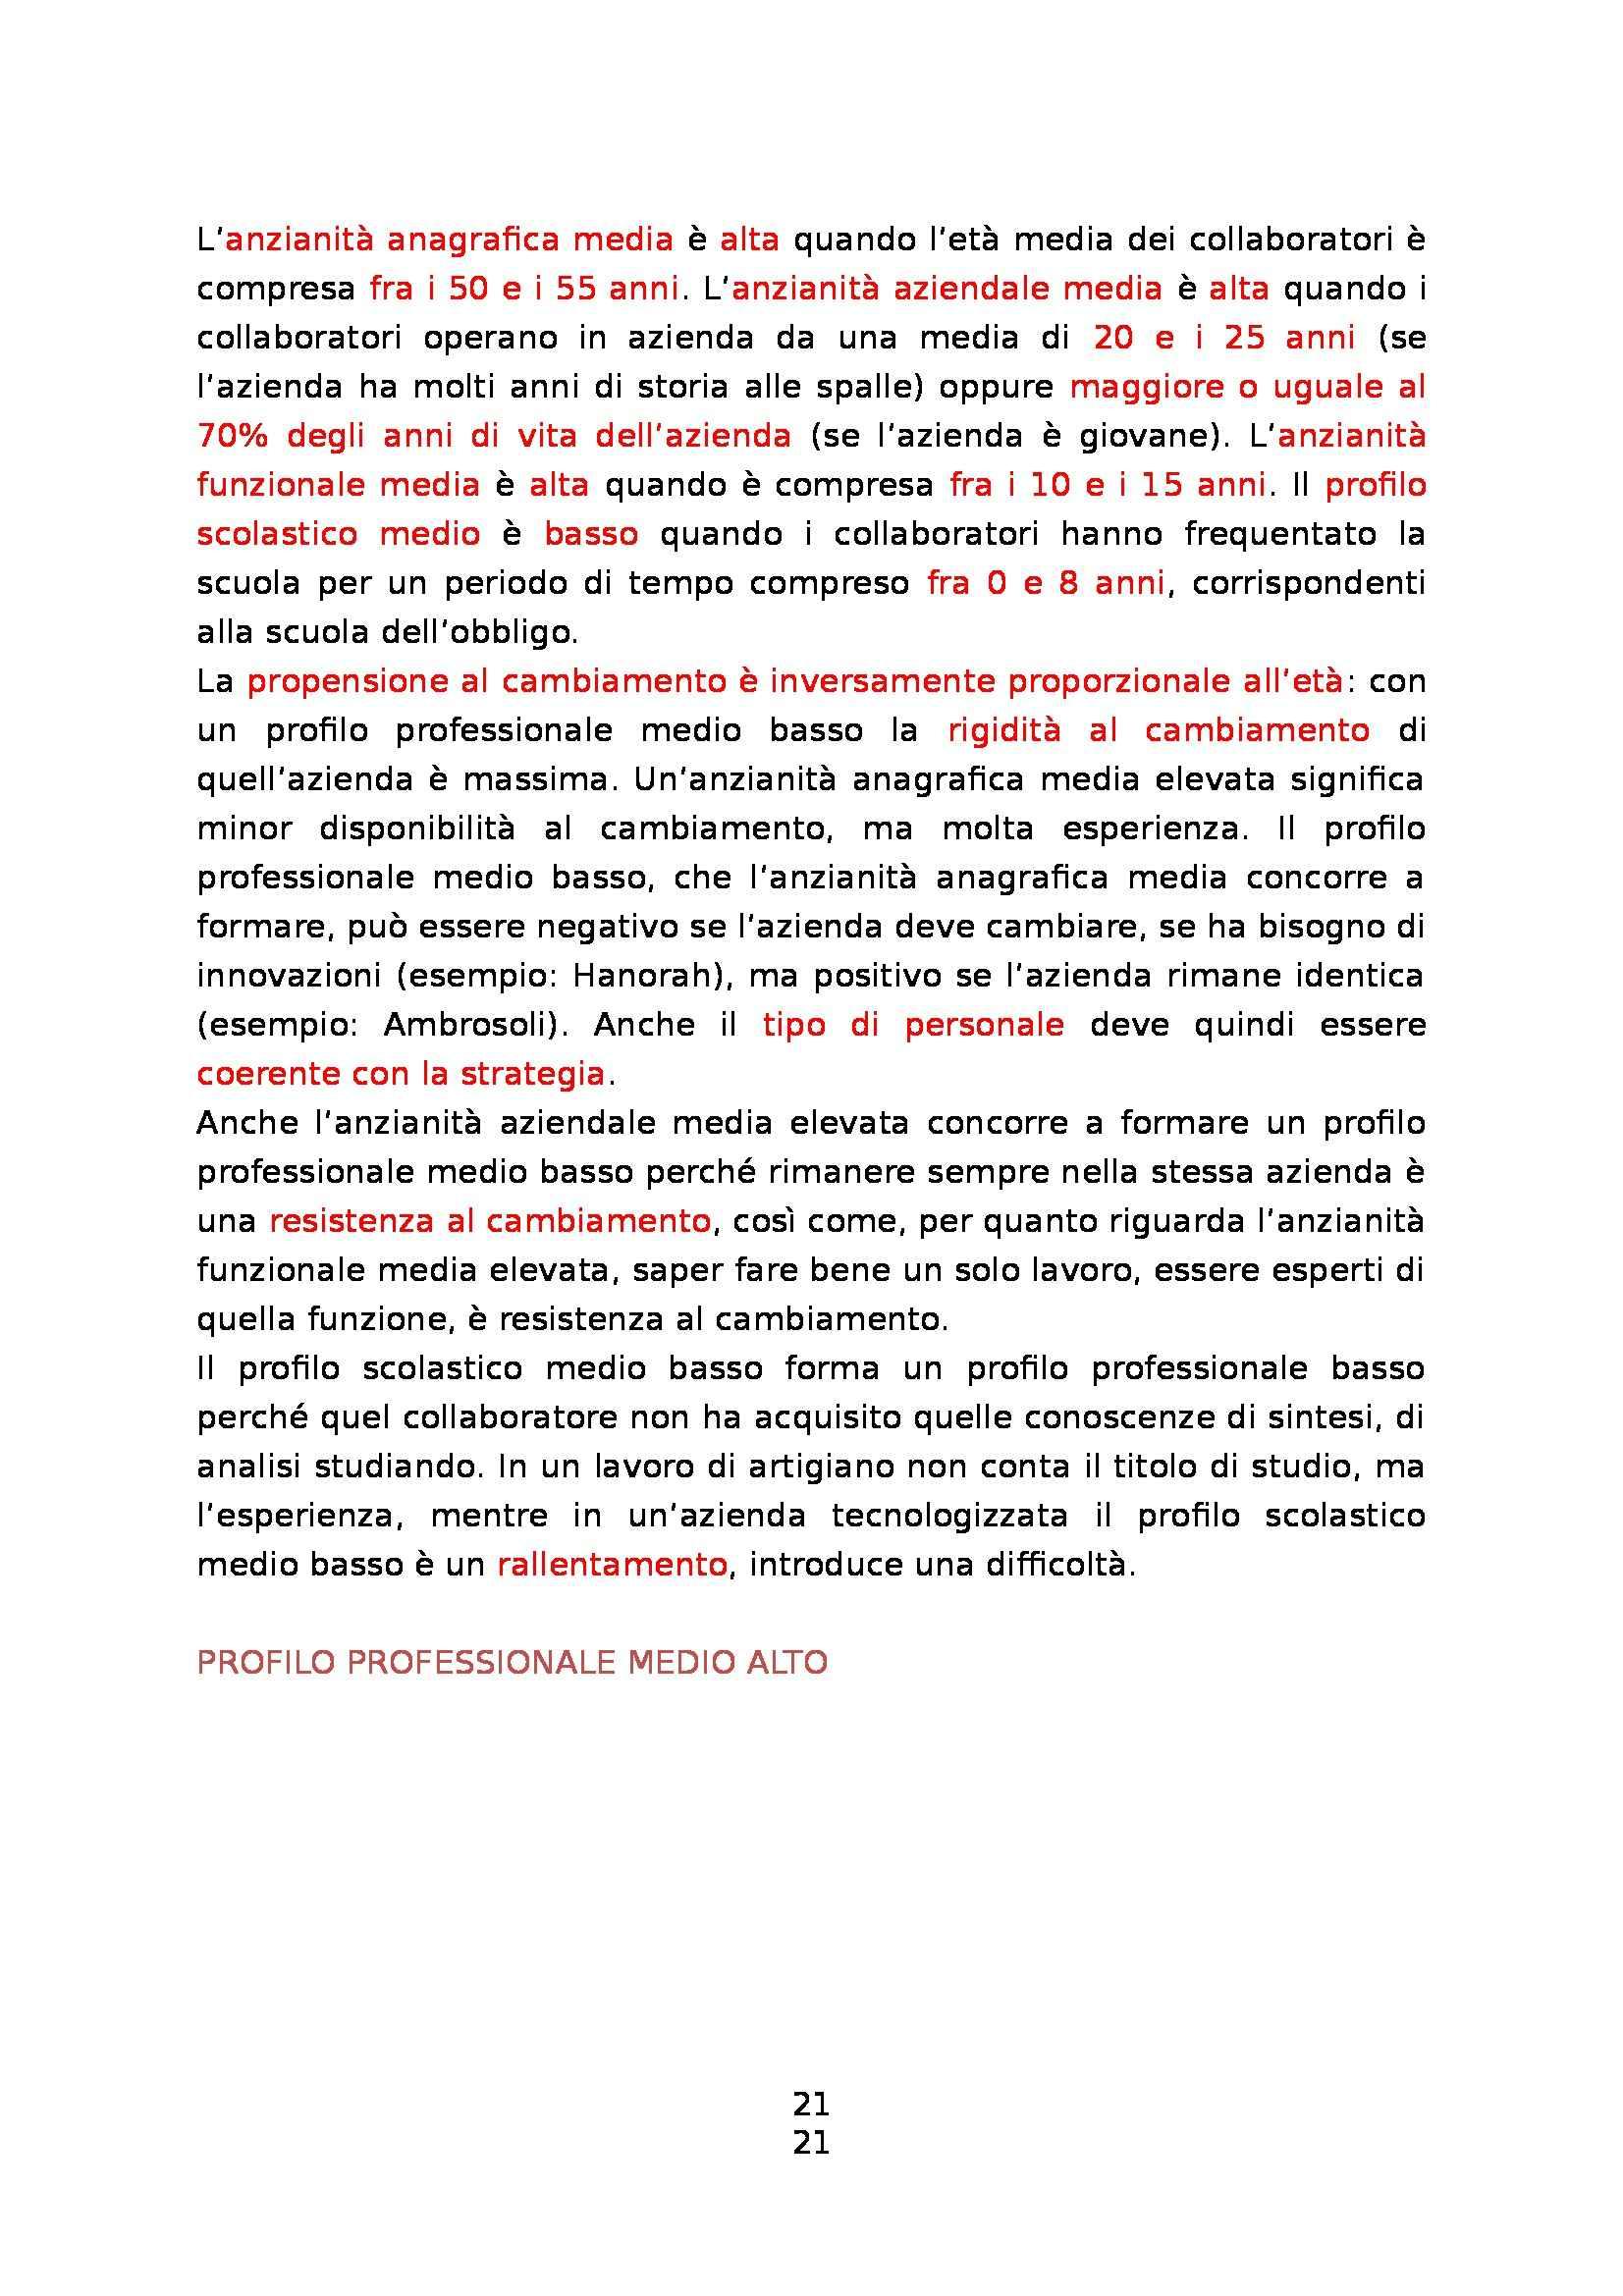 Organizzazione aziendale delle PMI - Appunti Pag. 21